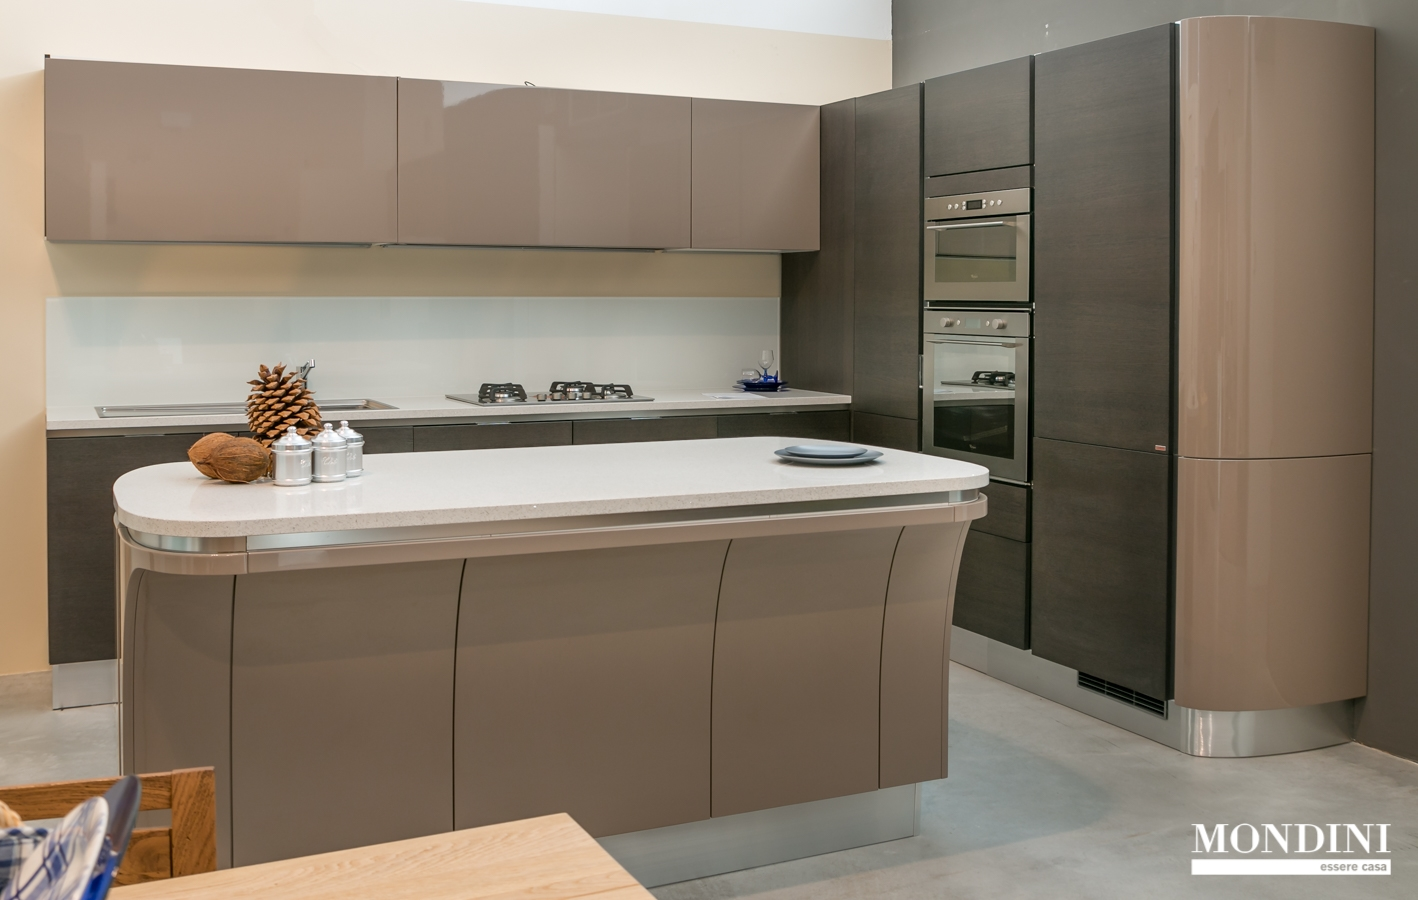 Cucina scavolini modello mood con isola scontata del 69 - Cucine con isola scavolini prezzi ...